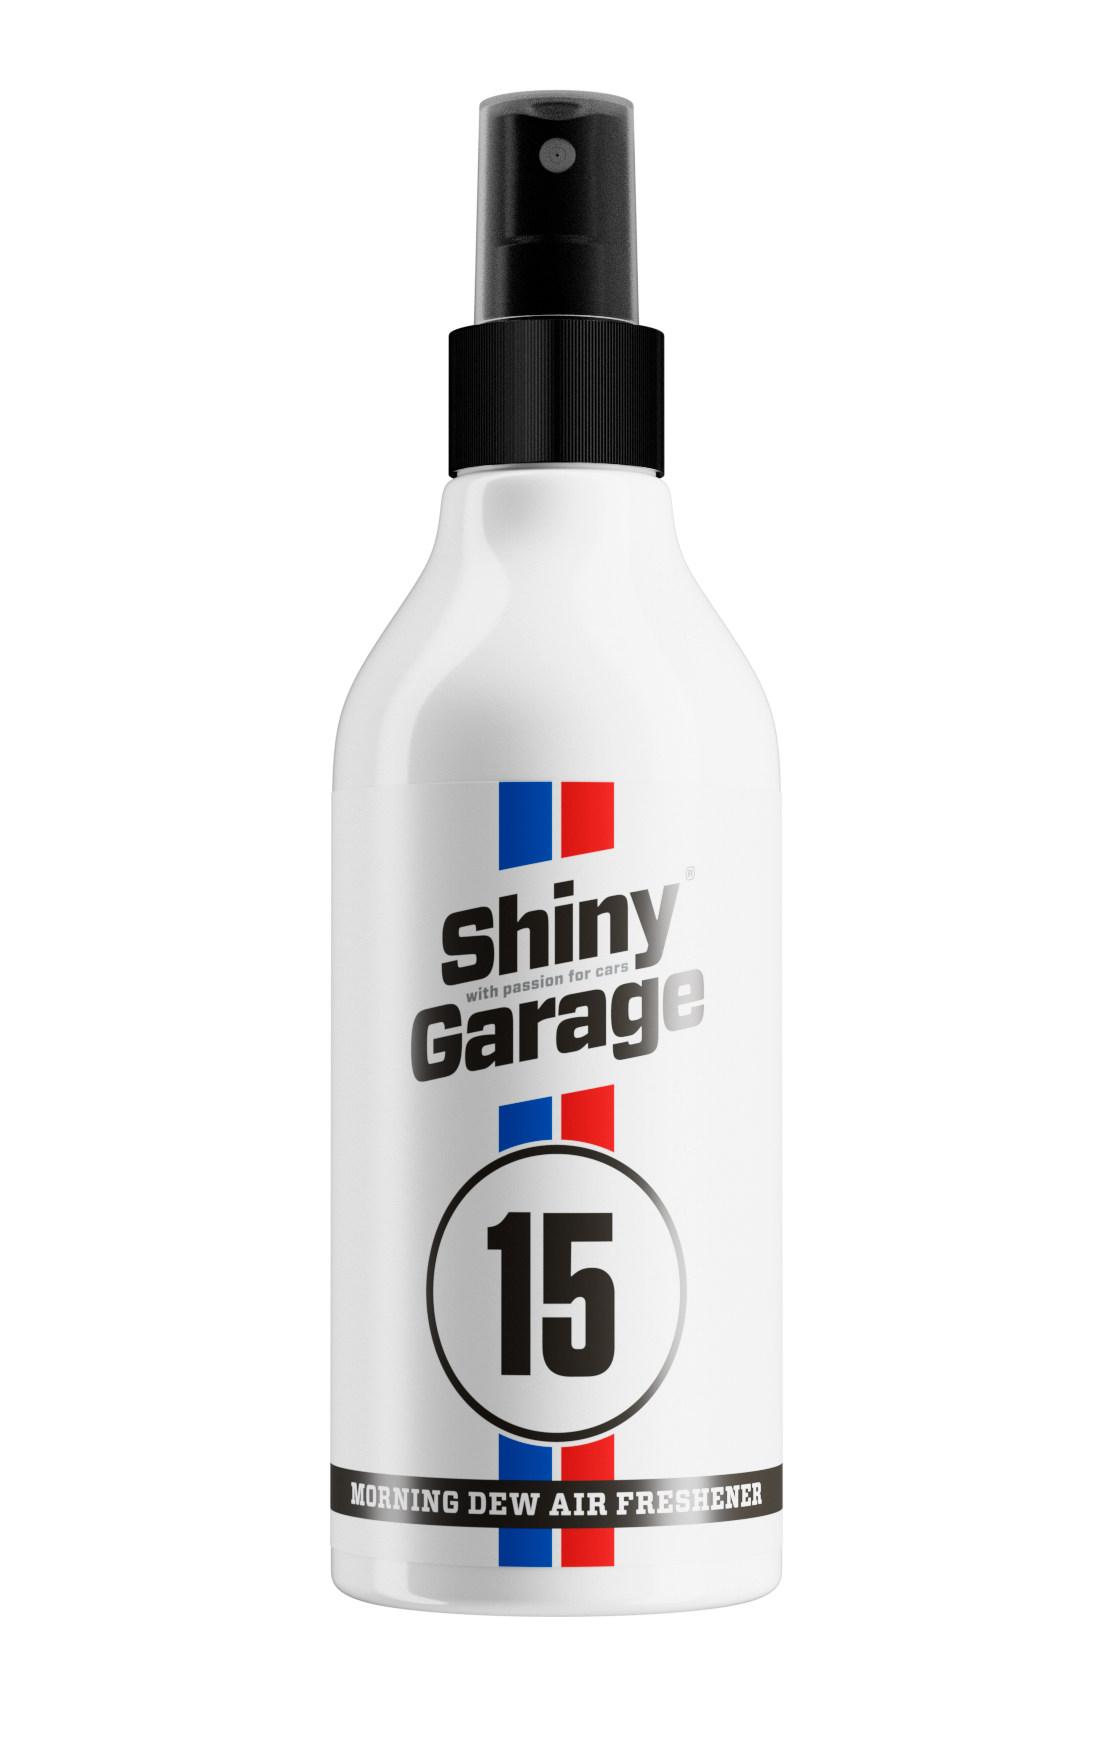 Odświeżacz Powietrza Shiny Garage Morning Dew Air Freshener 250ml